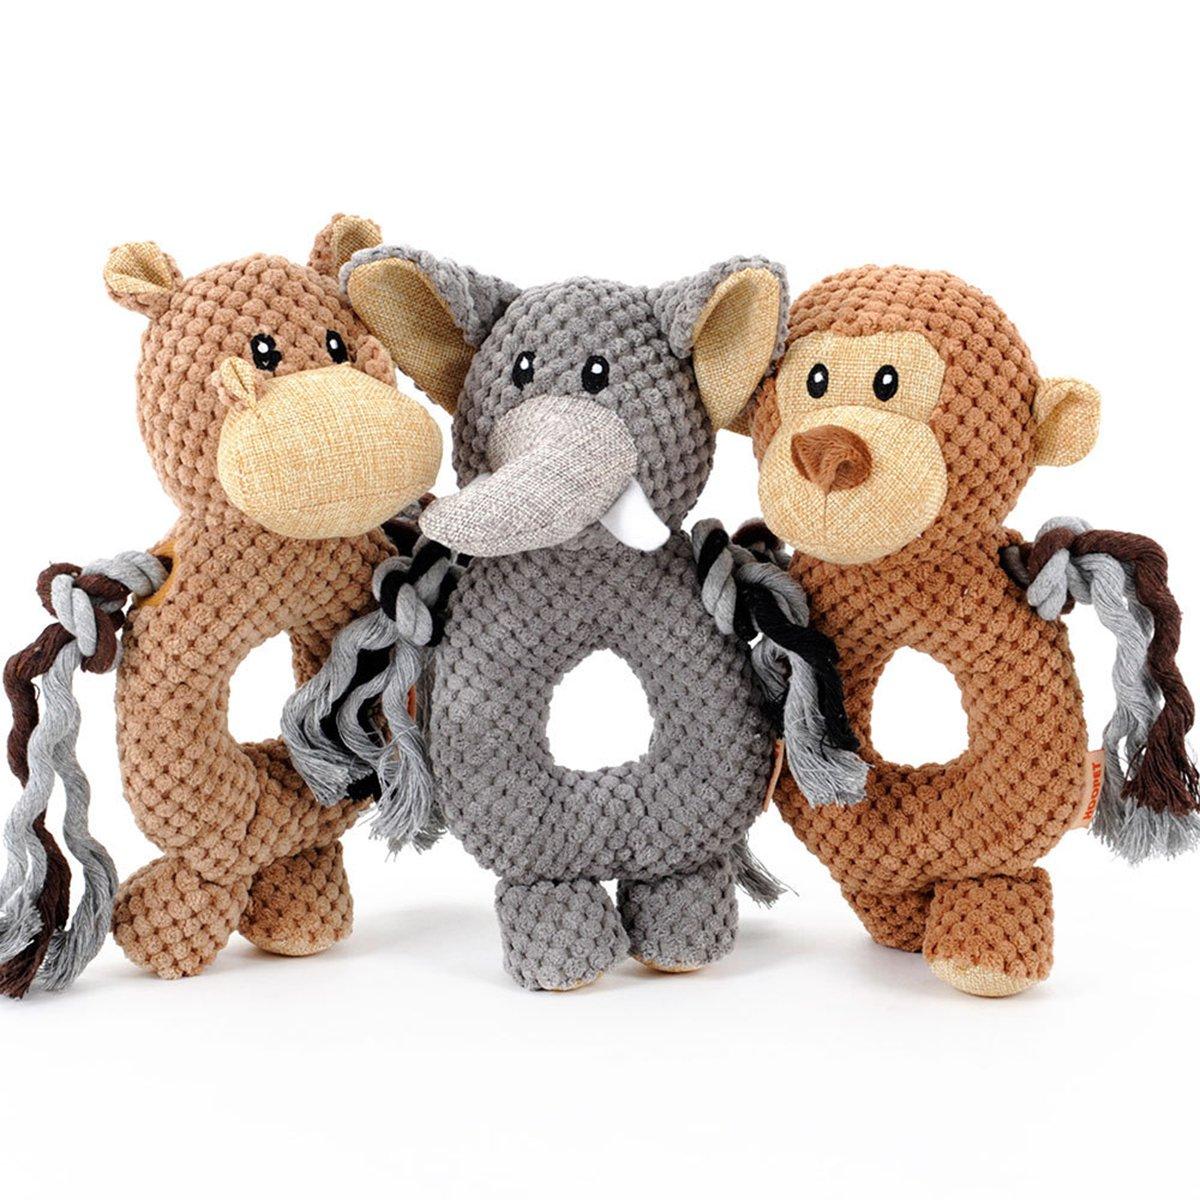 UHeng Pet 10  Inch Dog Squeak Toys Plush Horse Elephant Monkey Tough Chew Toy (3 Pack)